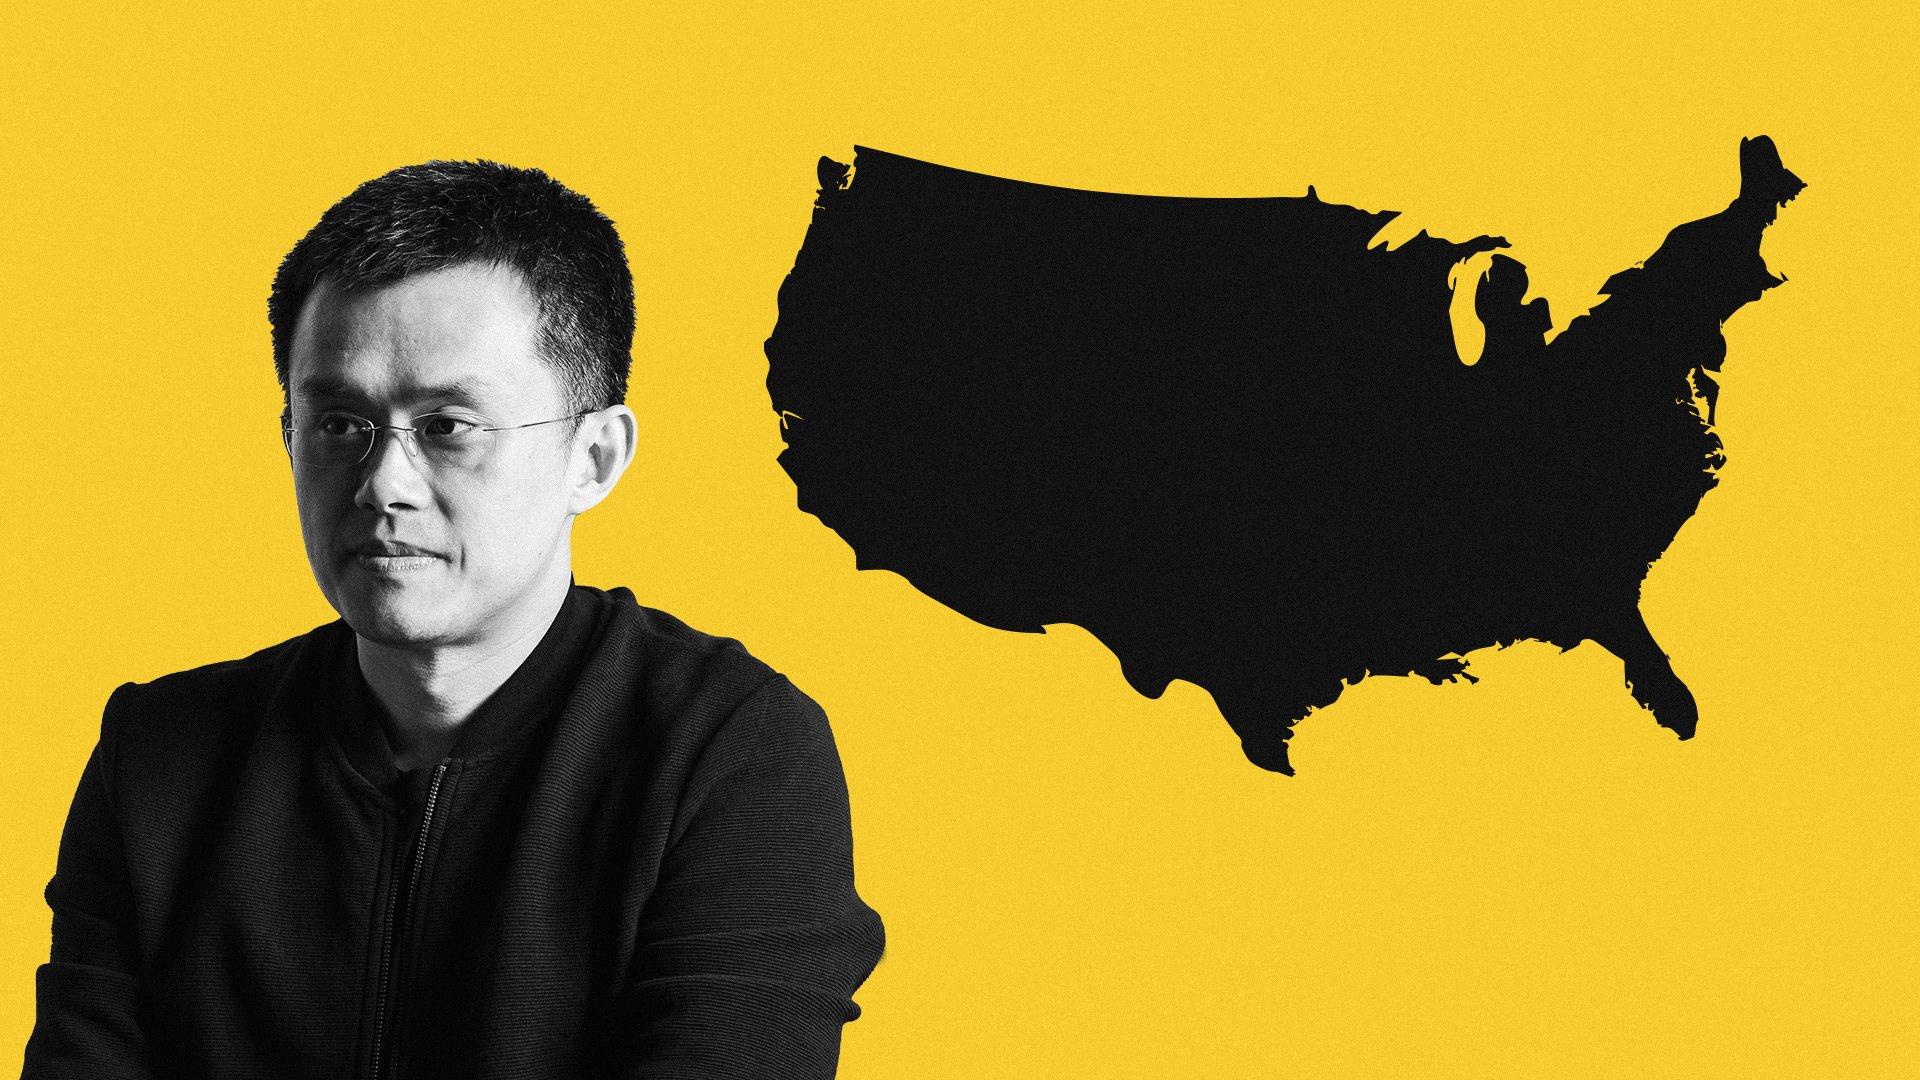 تکذیب صحت اسناد «تائی چی» در مورد دور زدن مقررات بیتکوین در آمریکا توسط مدیر صرافی بایننس